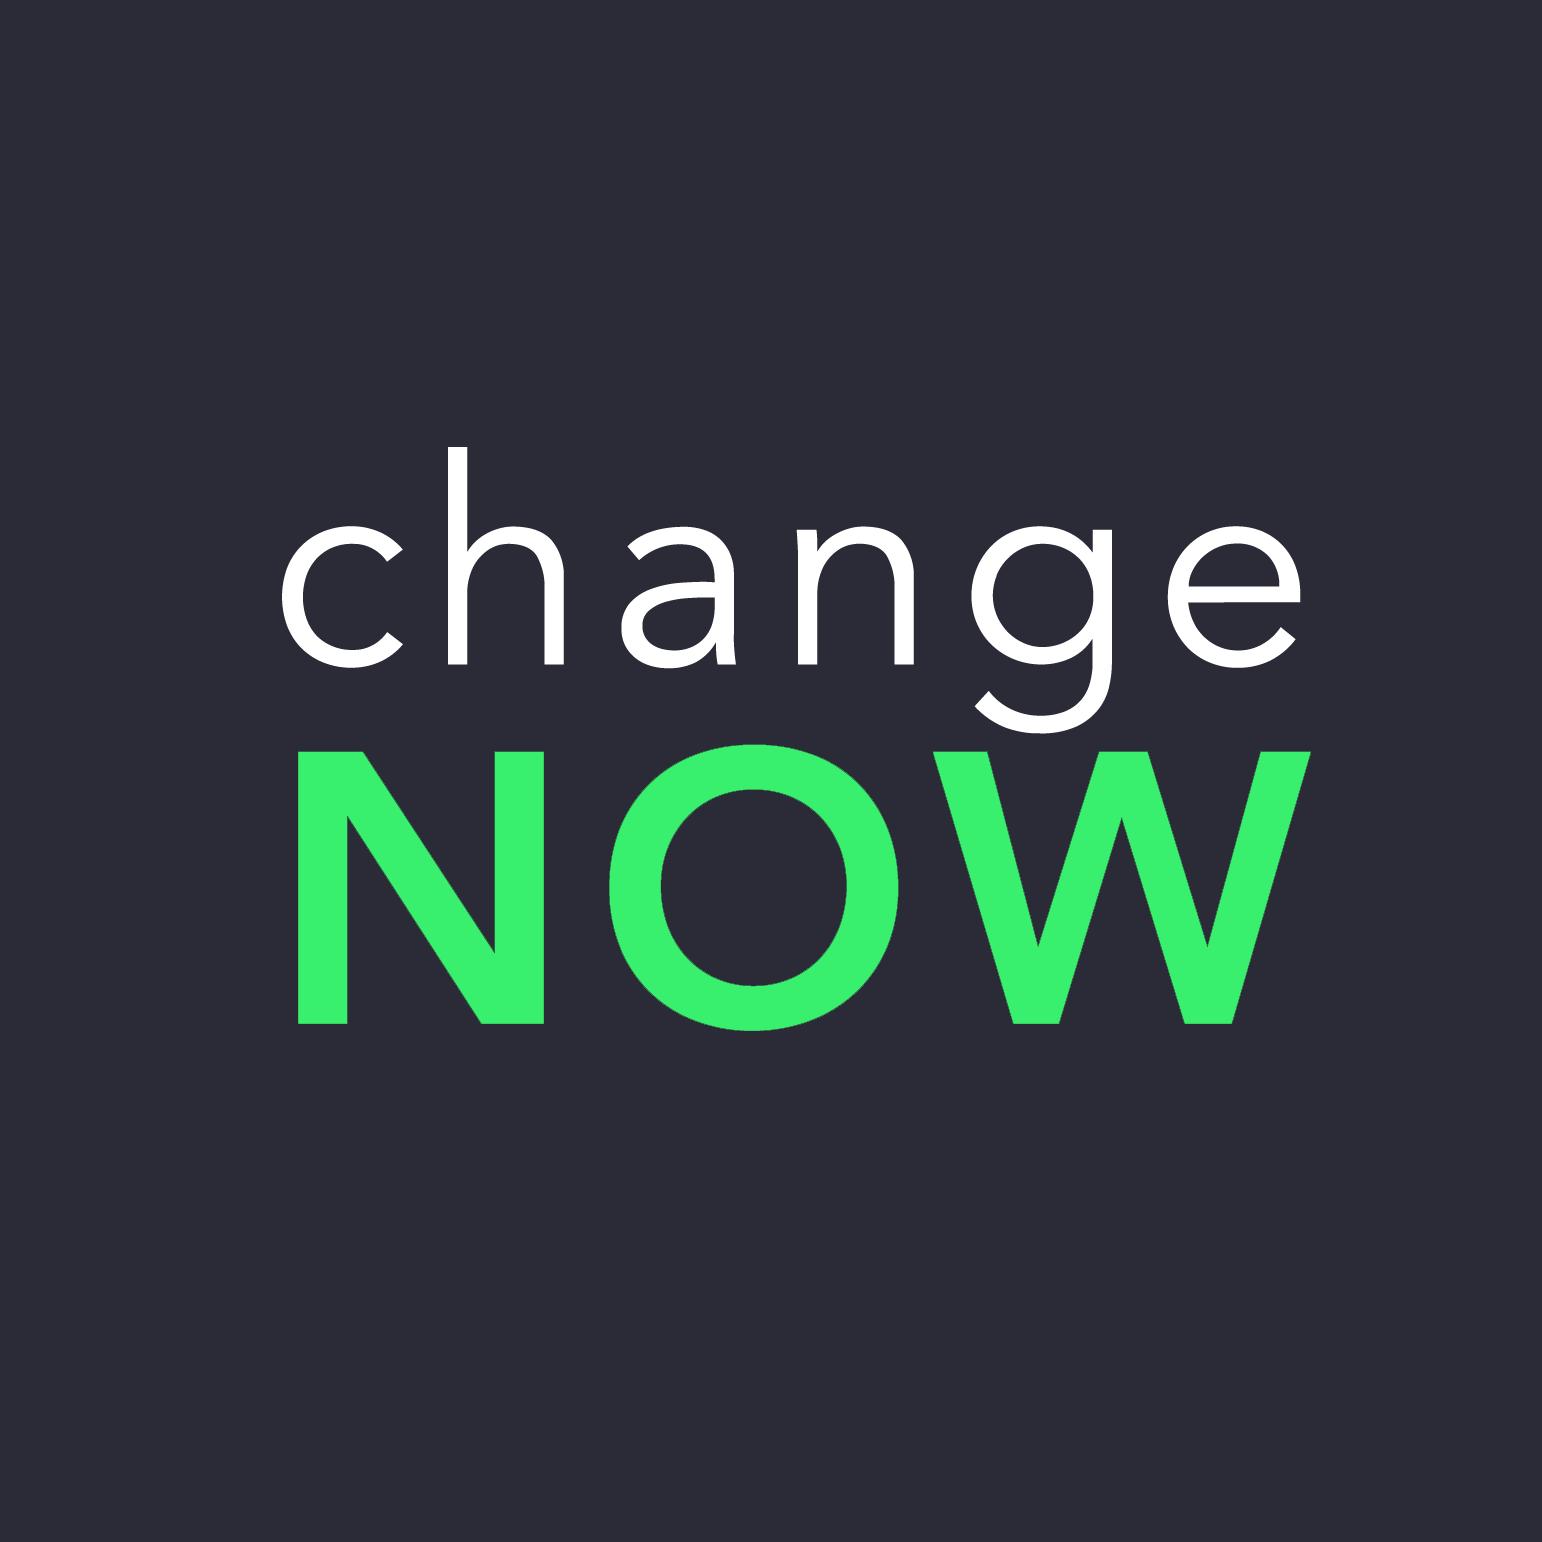 ChangeNOWlogo